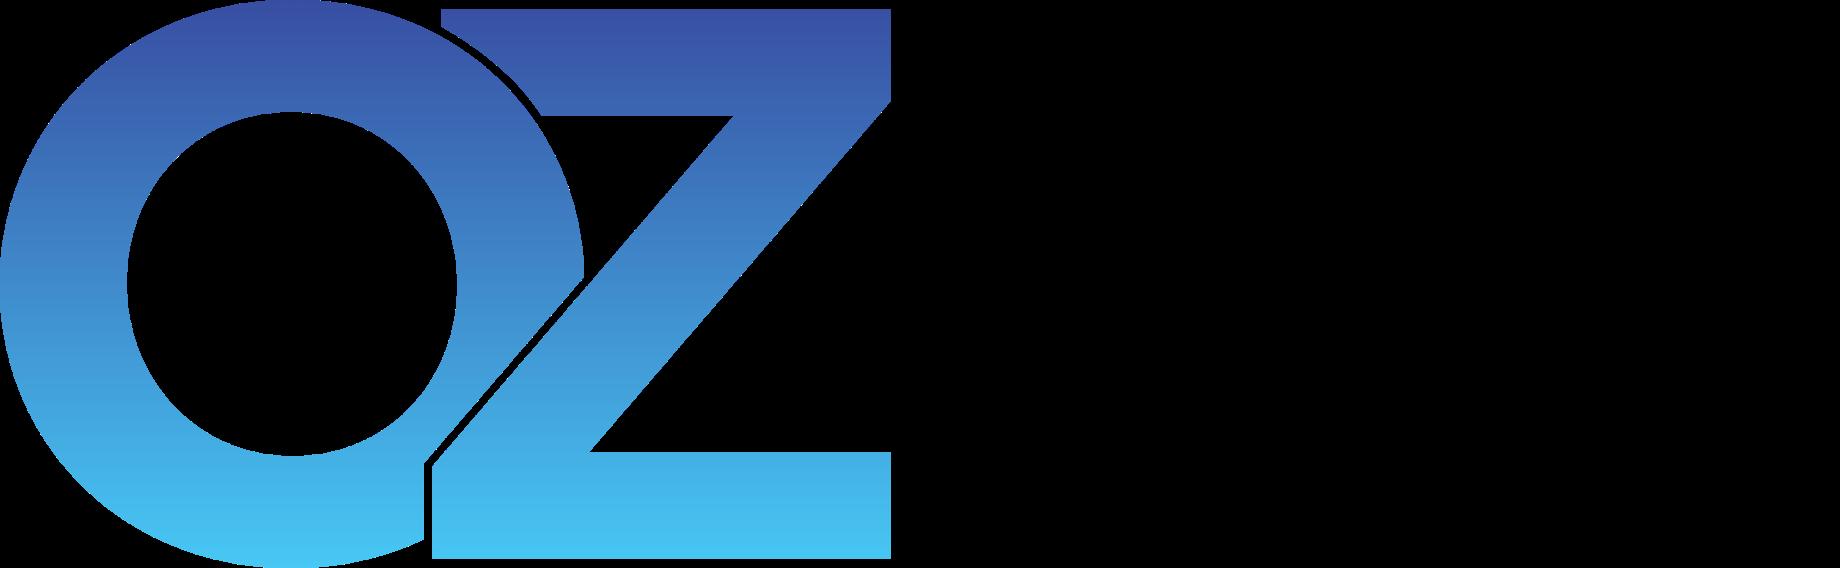 oztube logo